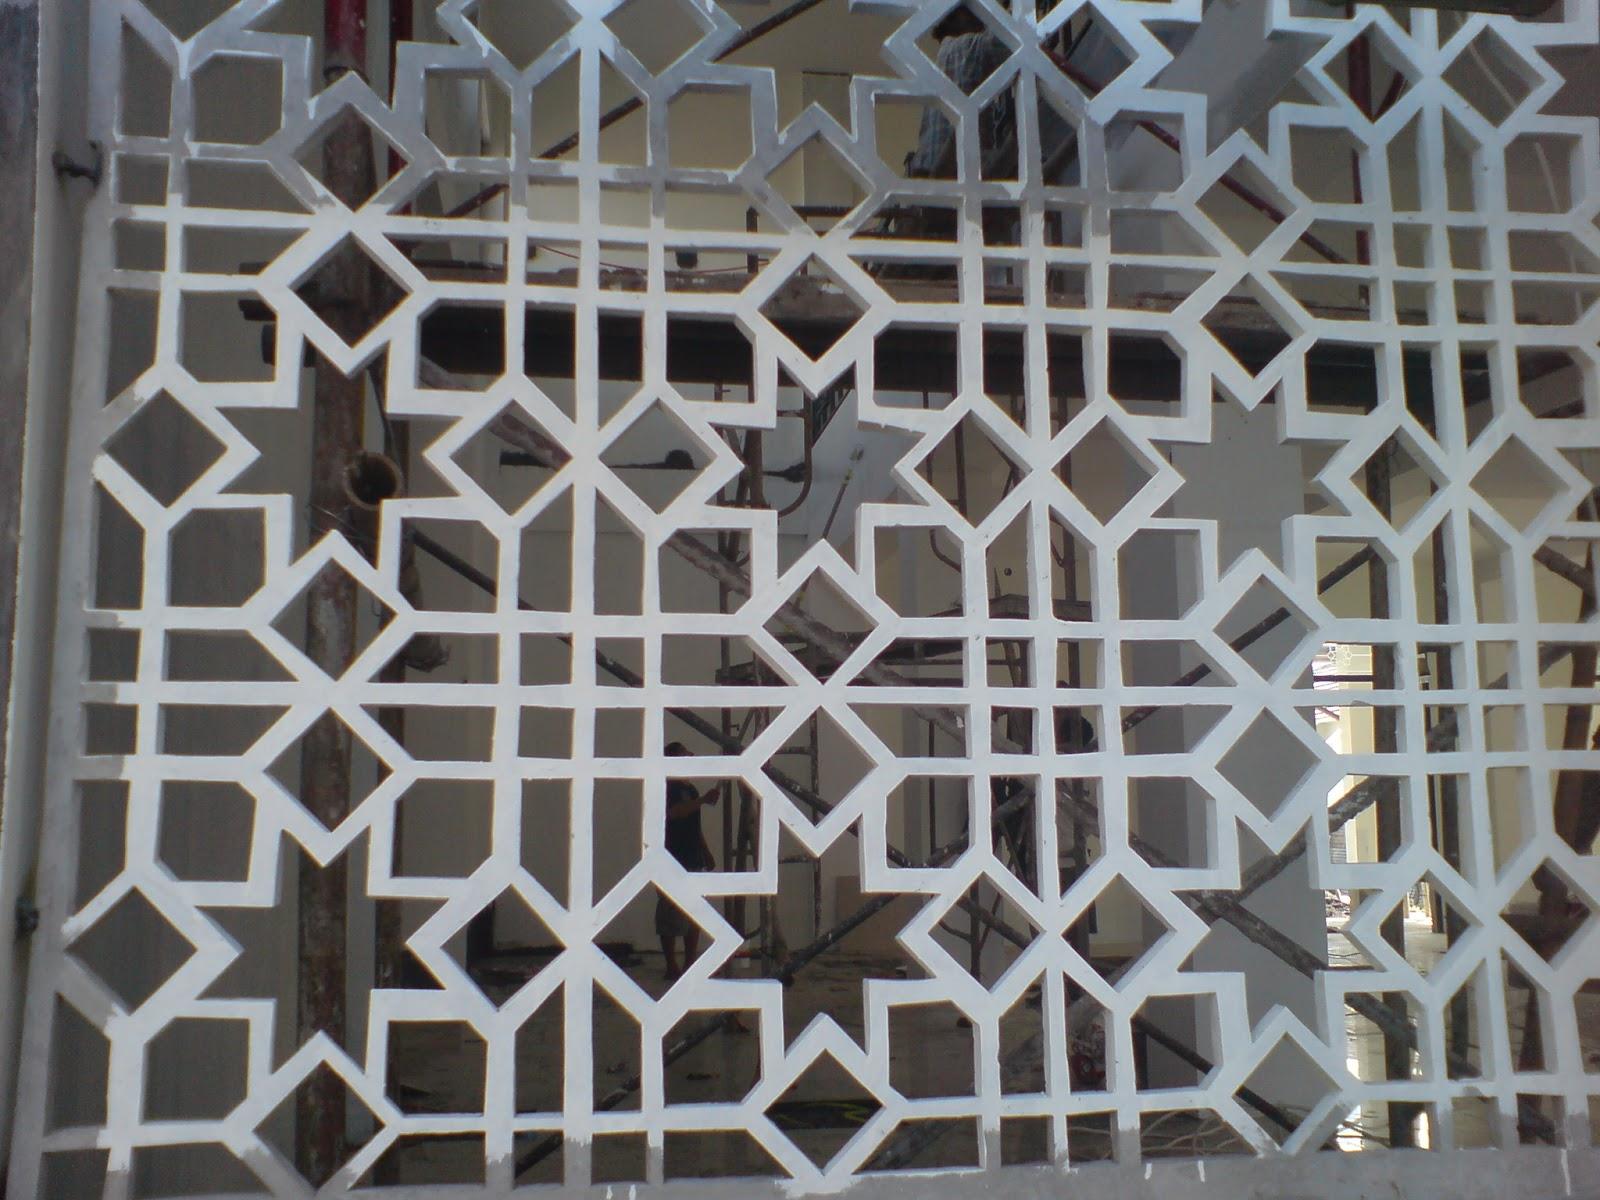 desain keramik dinding masjid